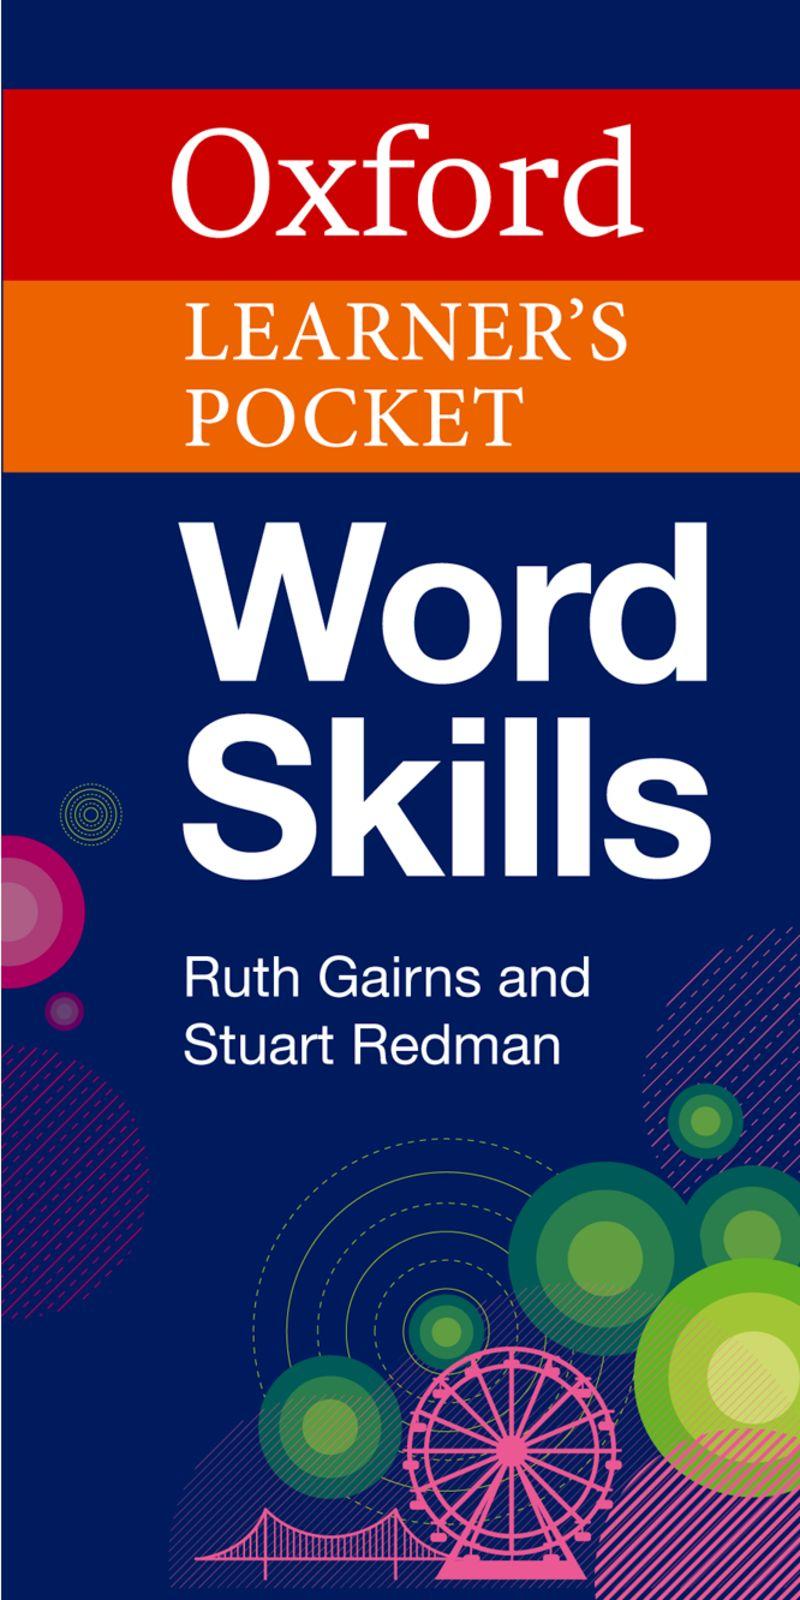 Oxford Word Skills - Magabiztos olvasás, írás, szövegértés angolul